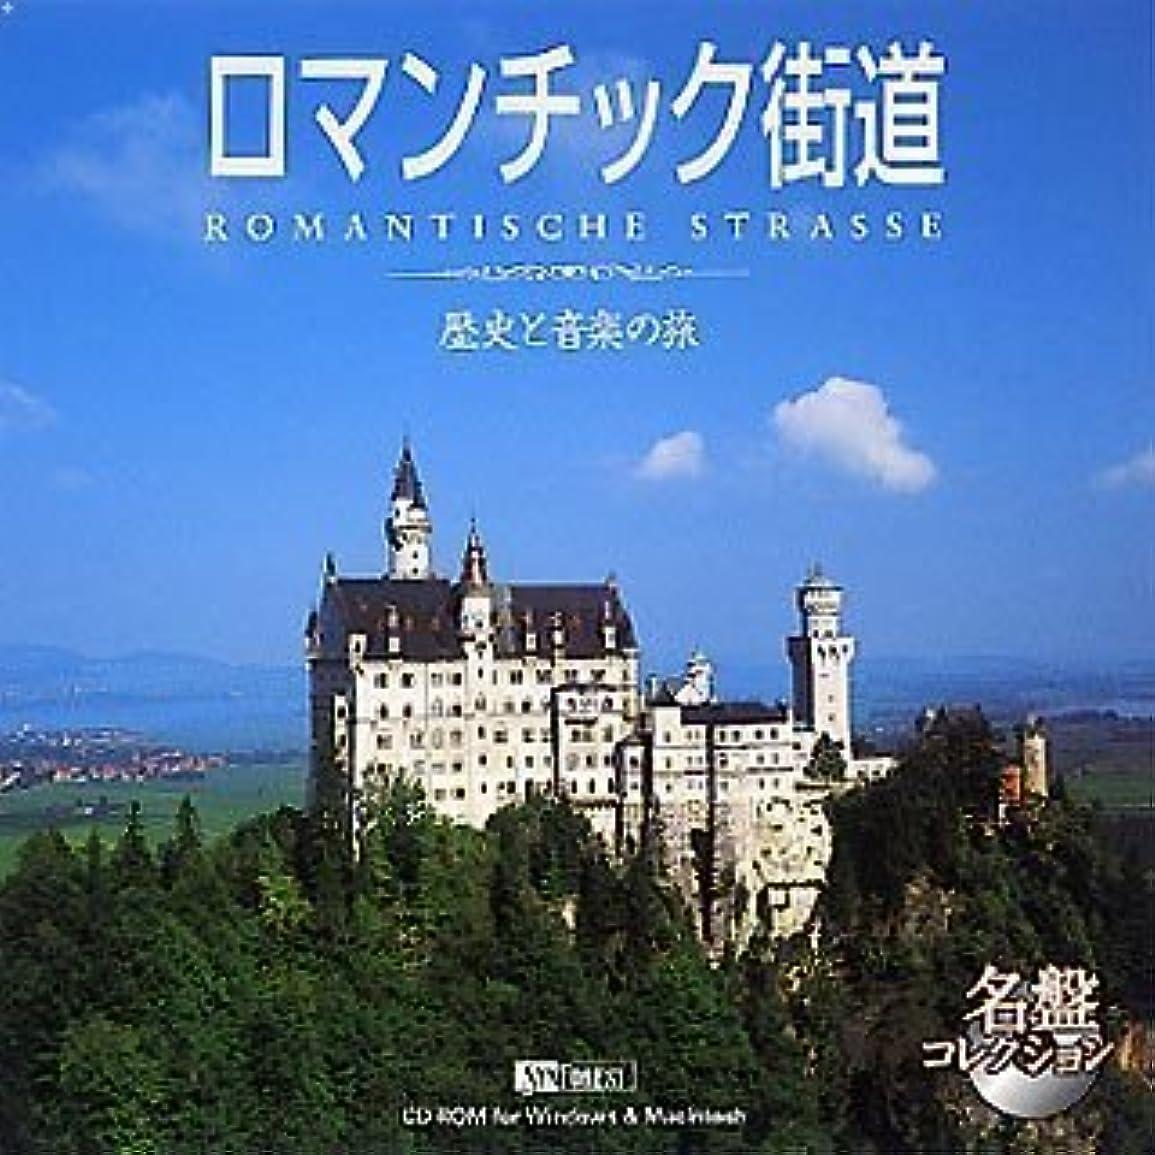 ダニ折解明する名盤コレクション ロマンチック街道 ~歴史と音楽の旅~